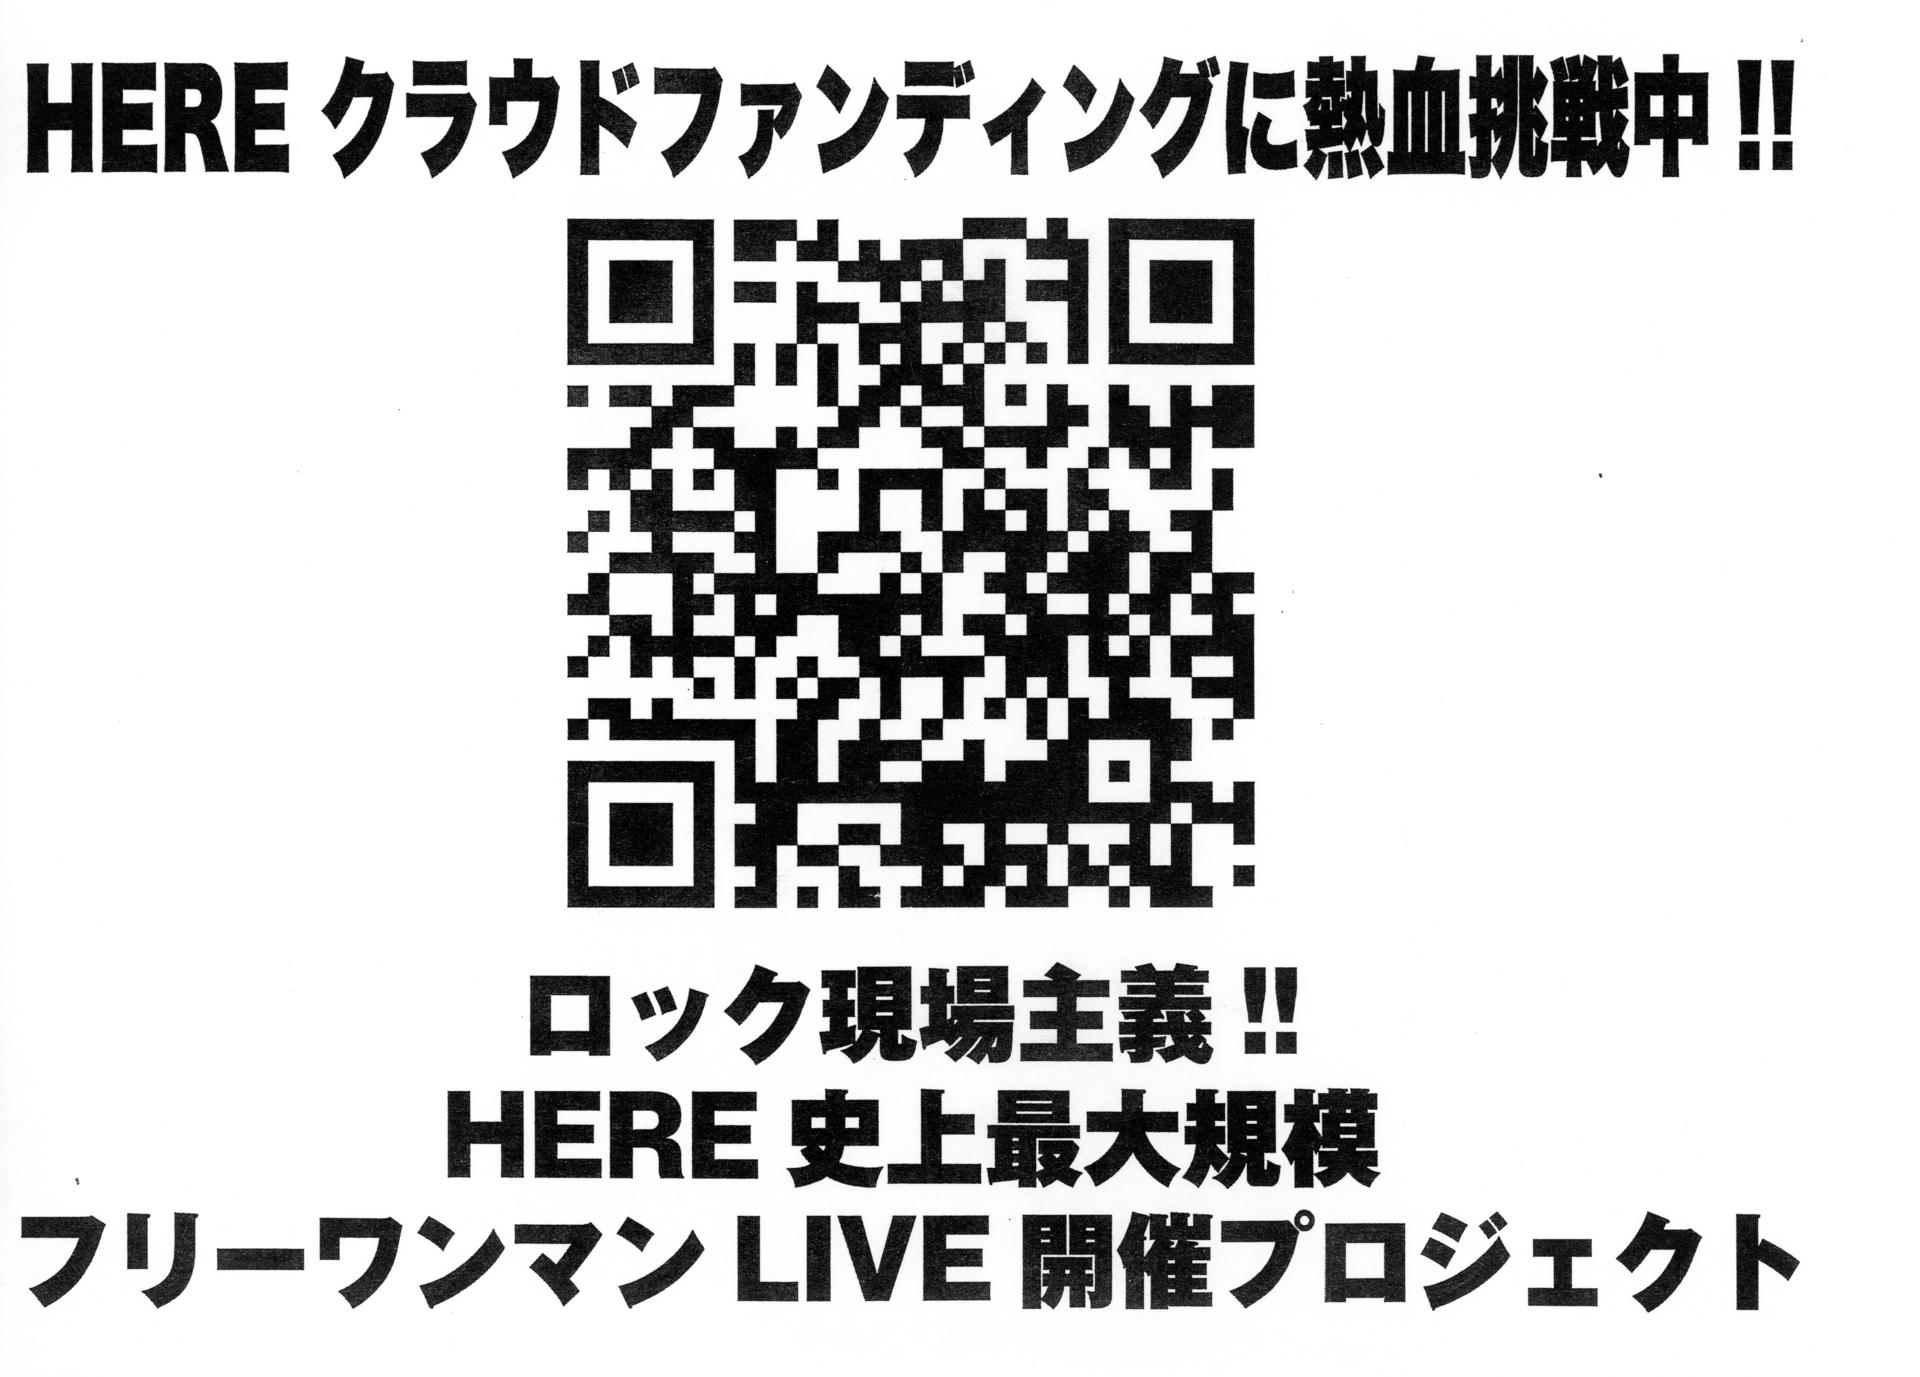 f:id:newsong:20180520022634j:plain